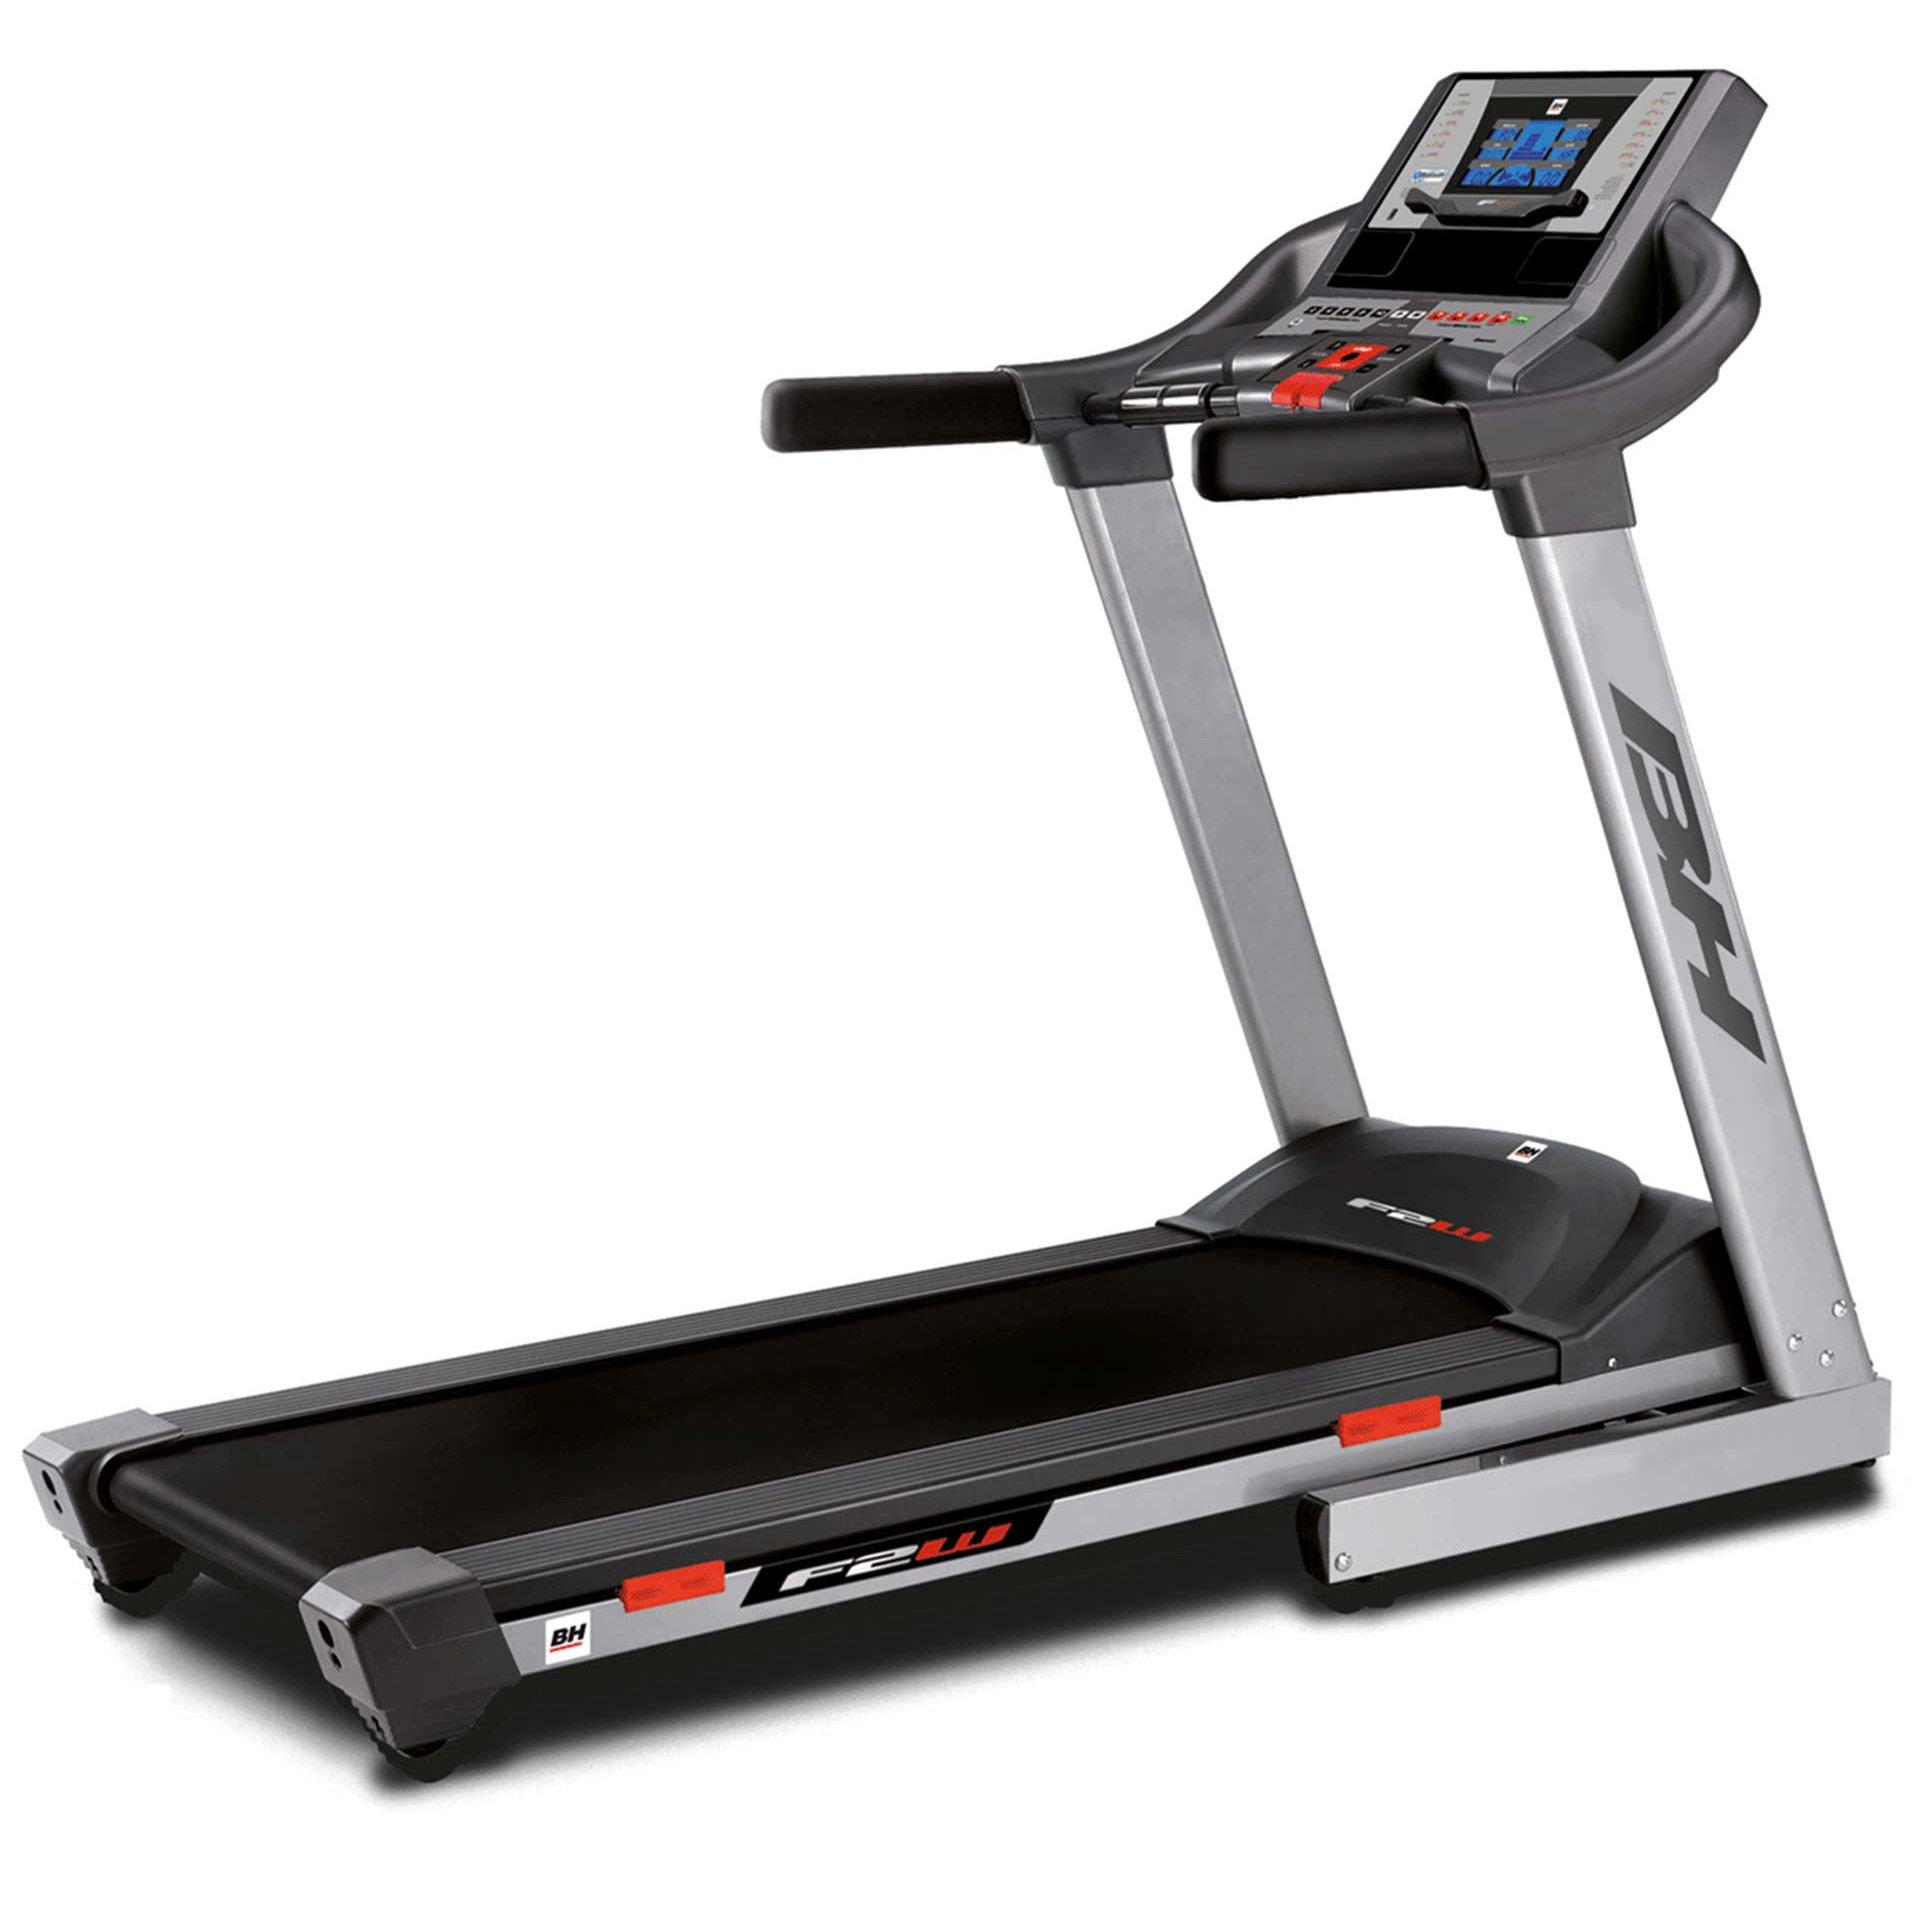 BH Fitness - Cinta de Correr f2w Dual: Amazon.es: Deportes y aire ...